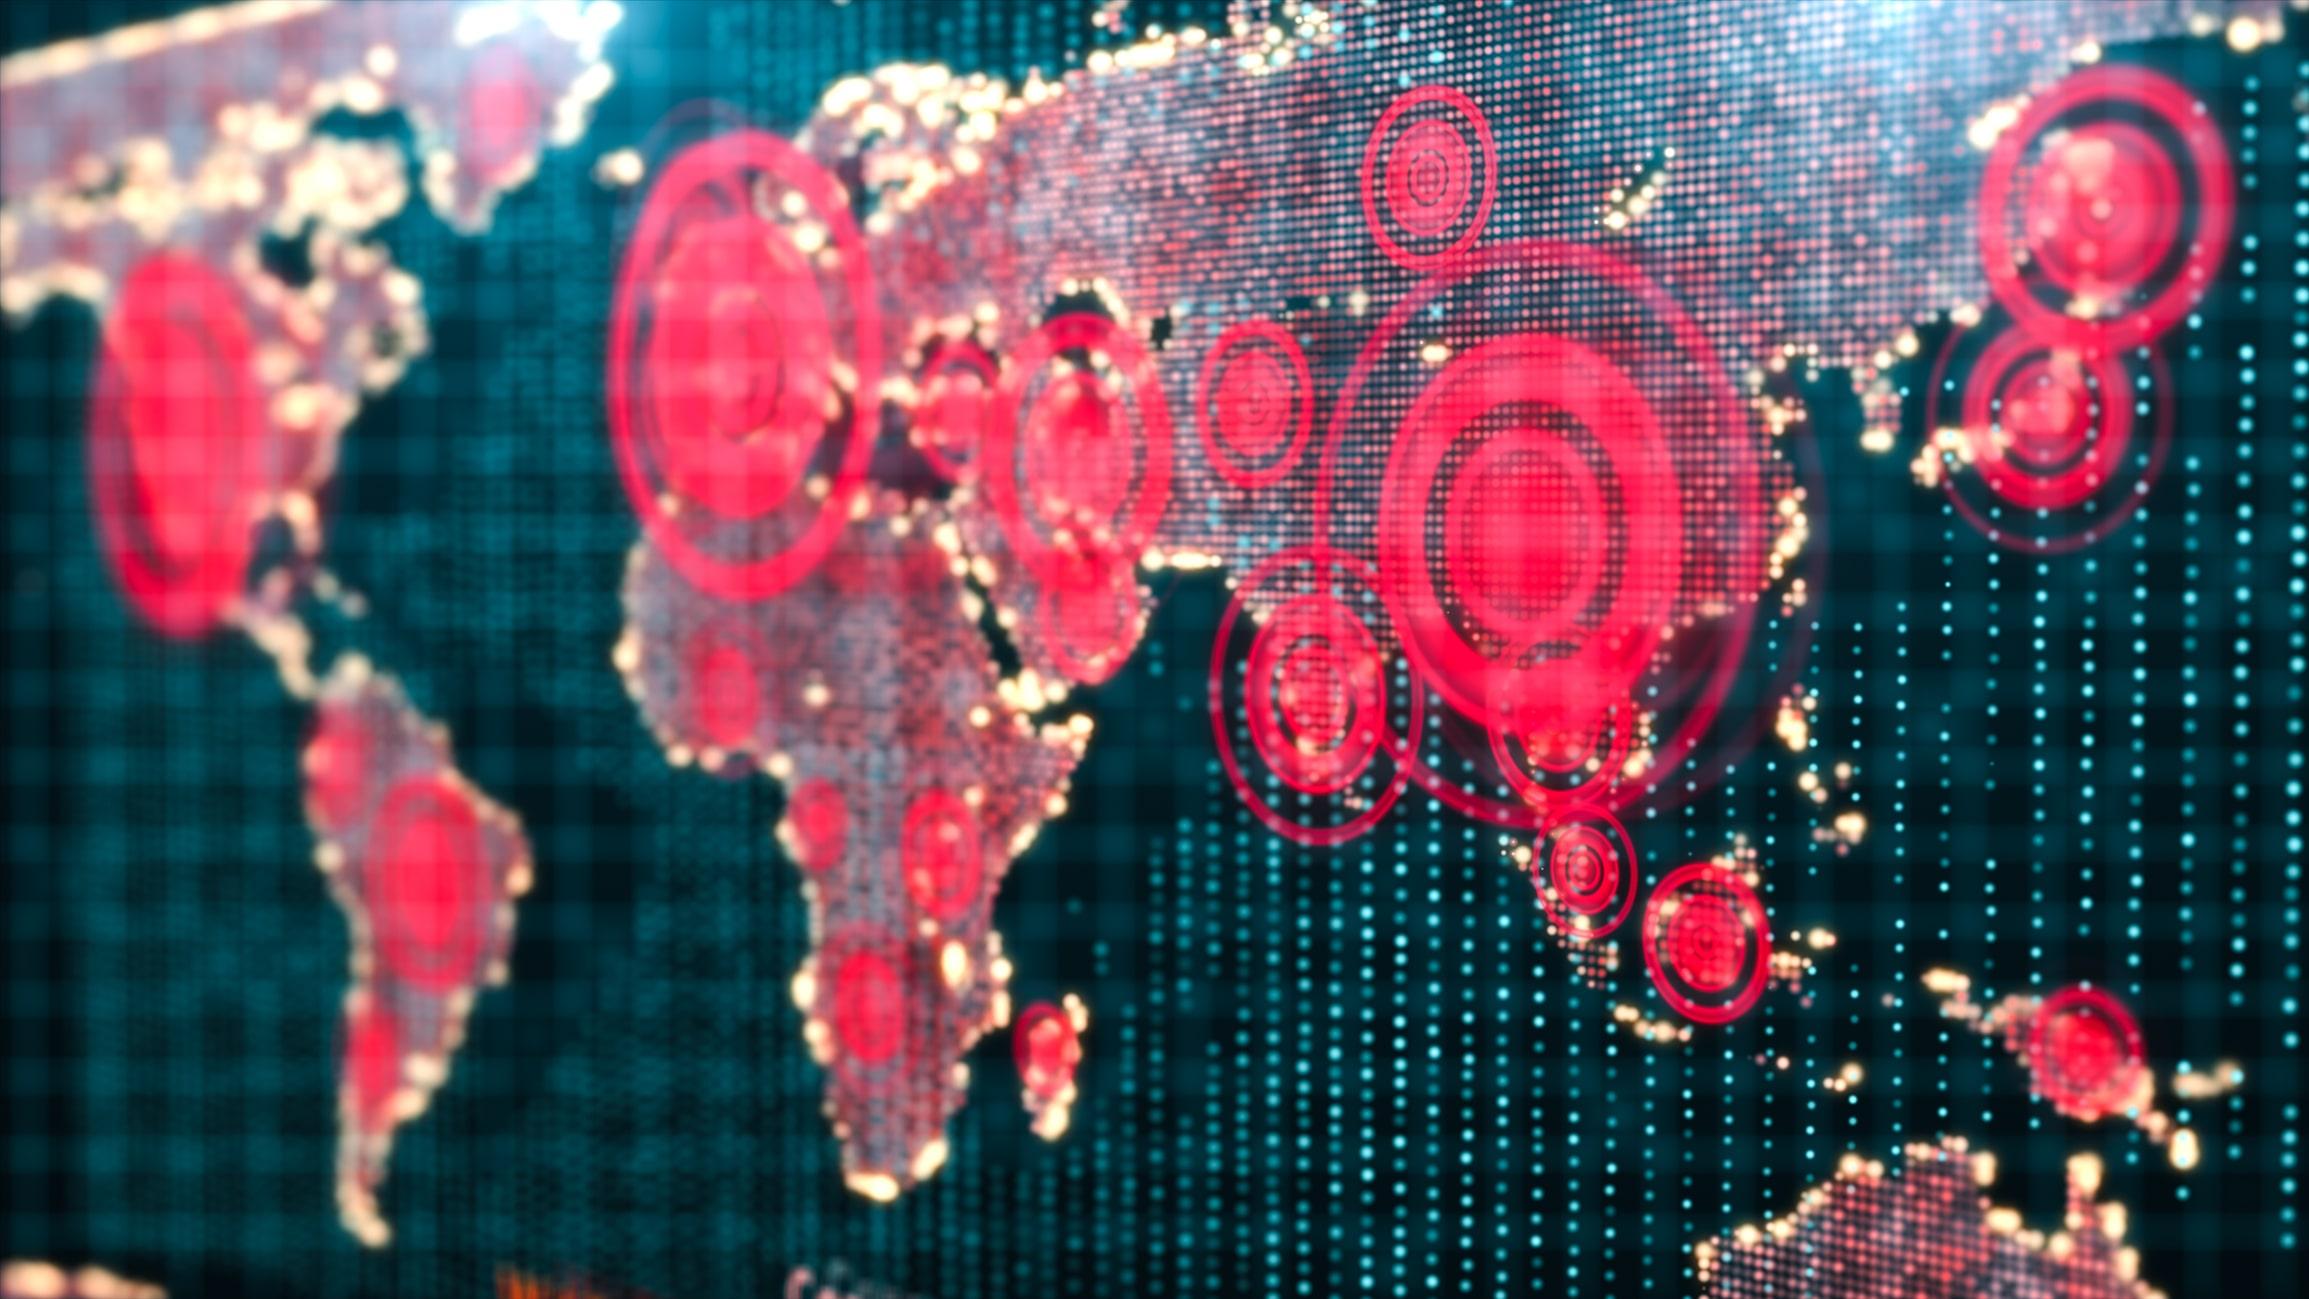 Coronavirusul continuă să facă ravagii la nivel global.